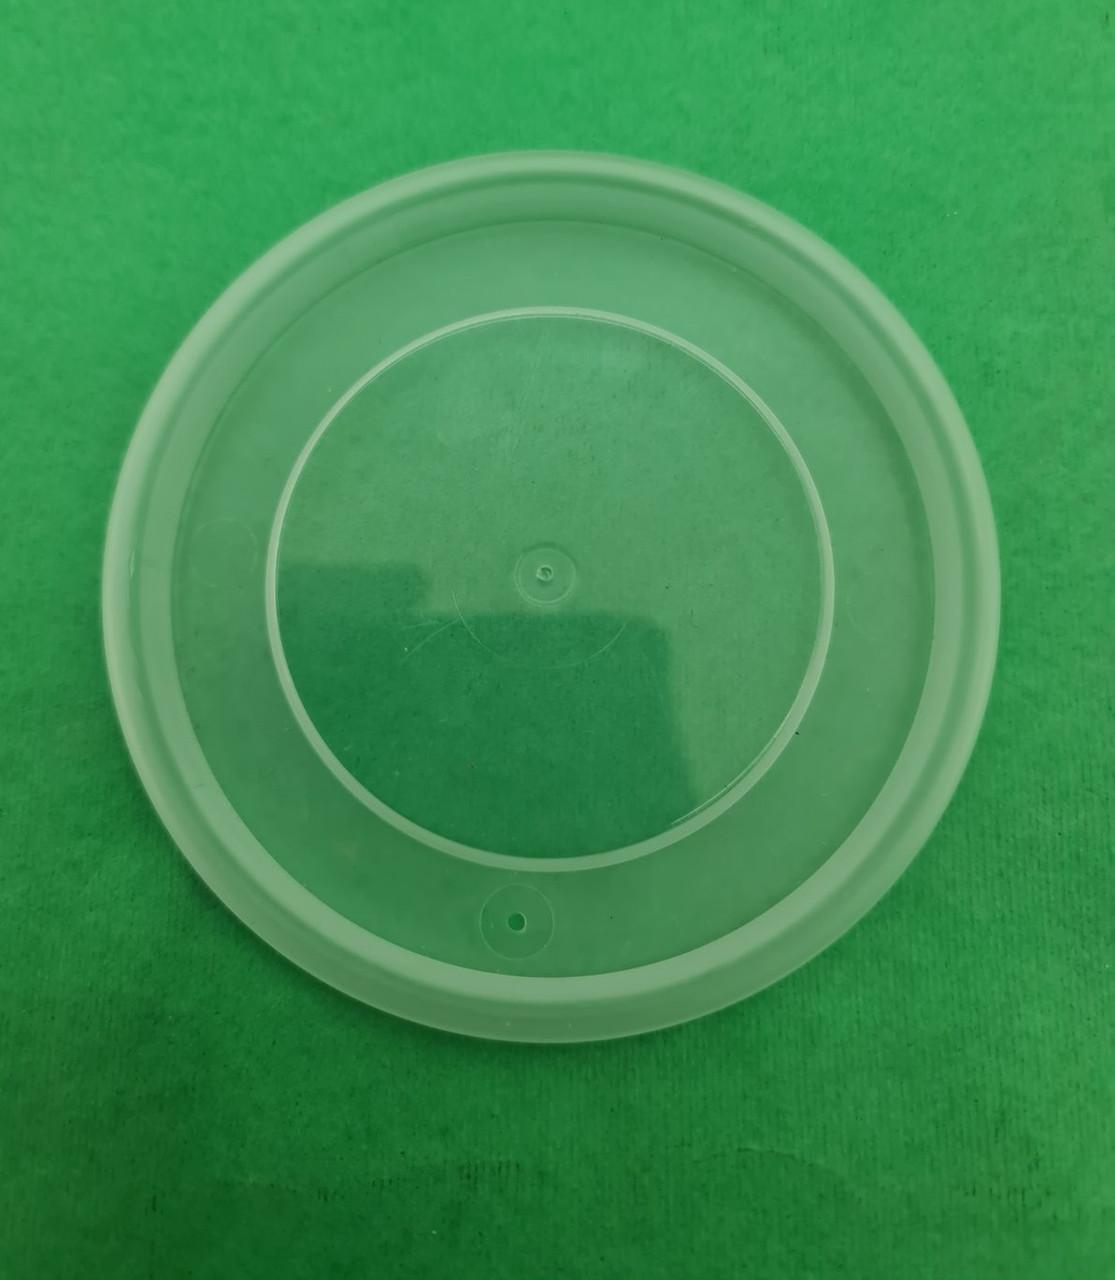 Крышка пластиковая для супника 250мл.350мл.480мл, 50 шт/пач